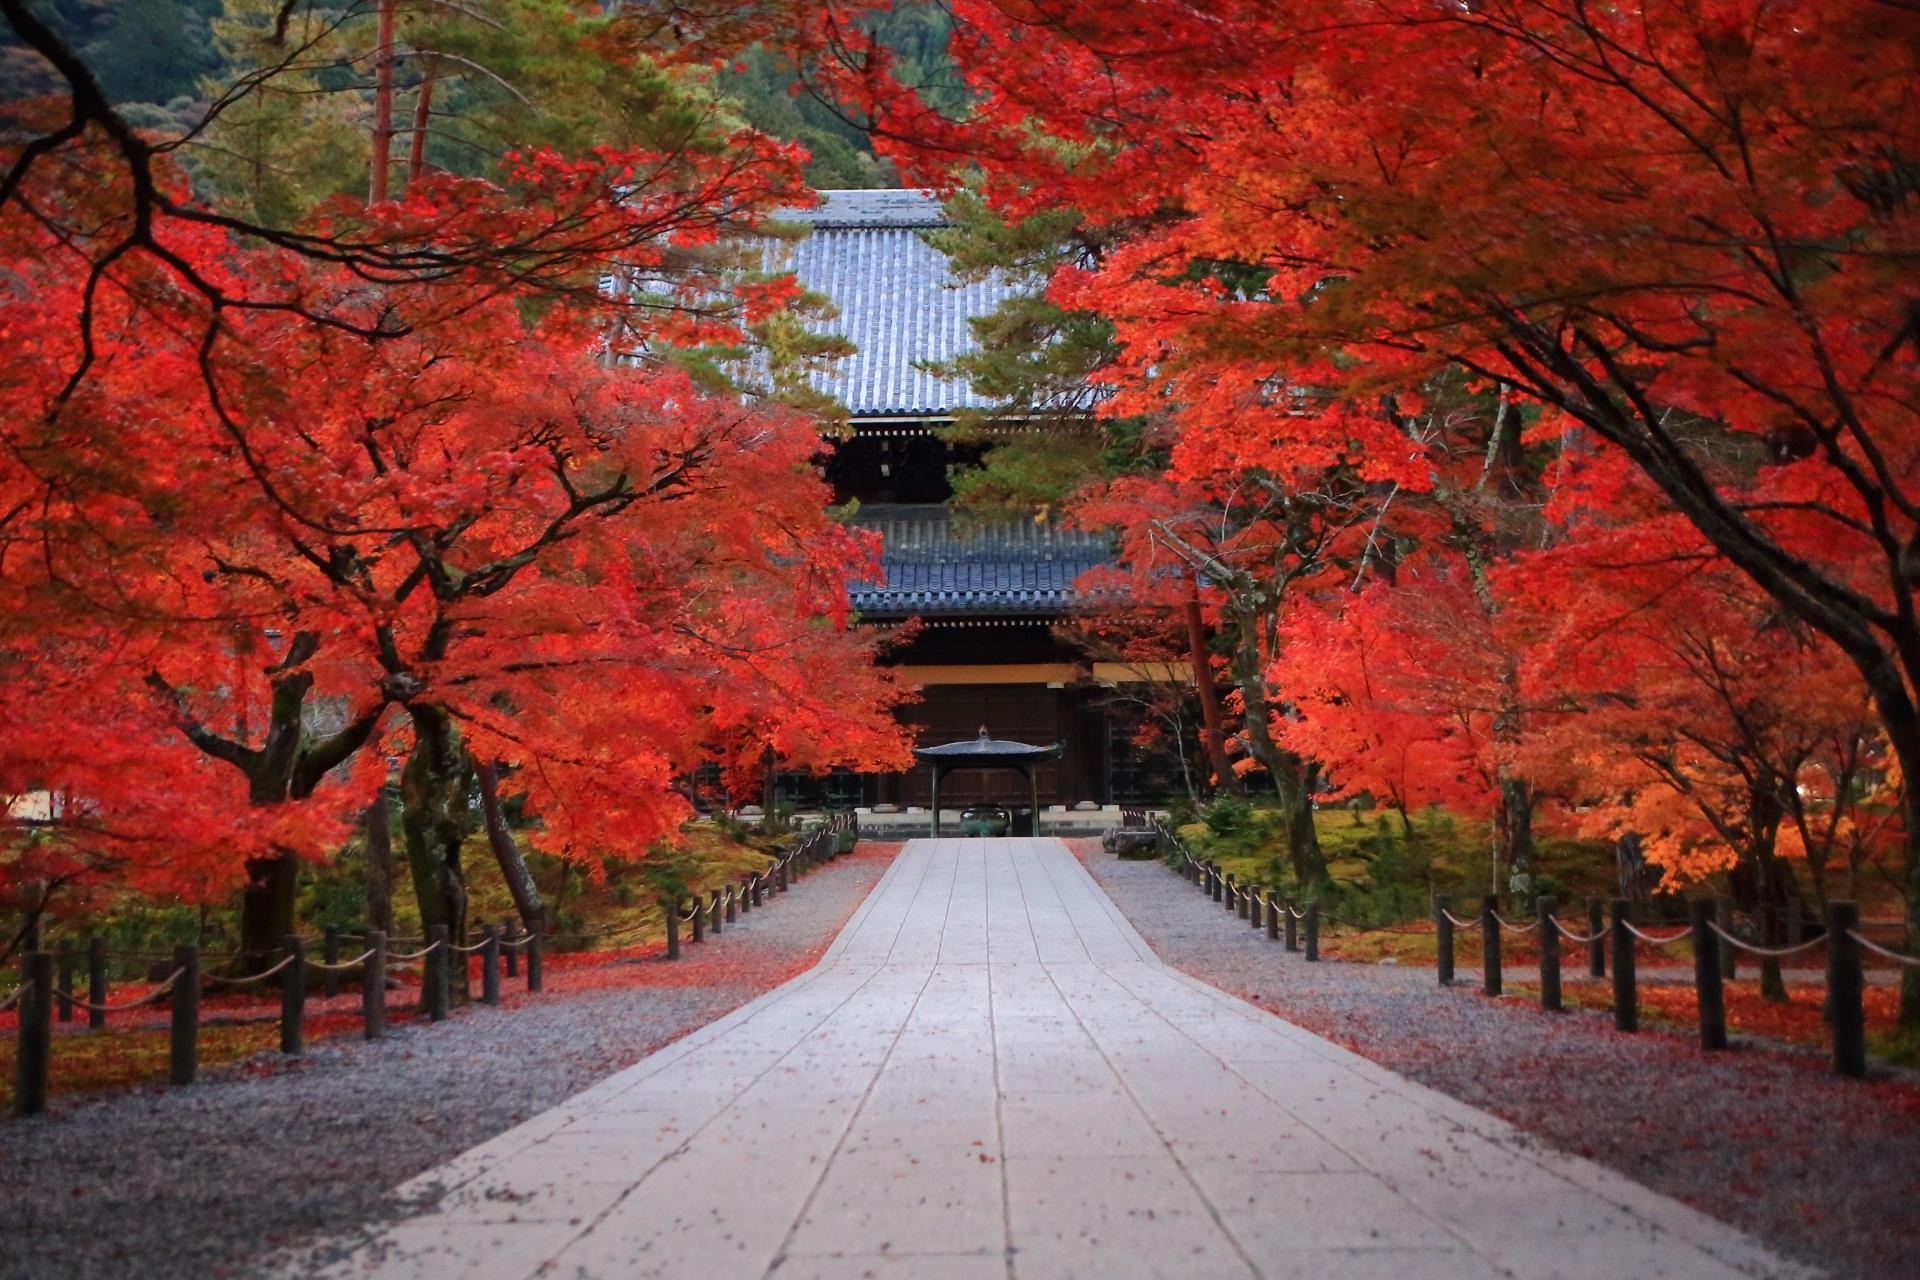 南禅寺の絶品の紅葉と秋色の情景